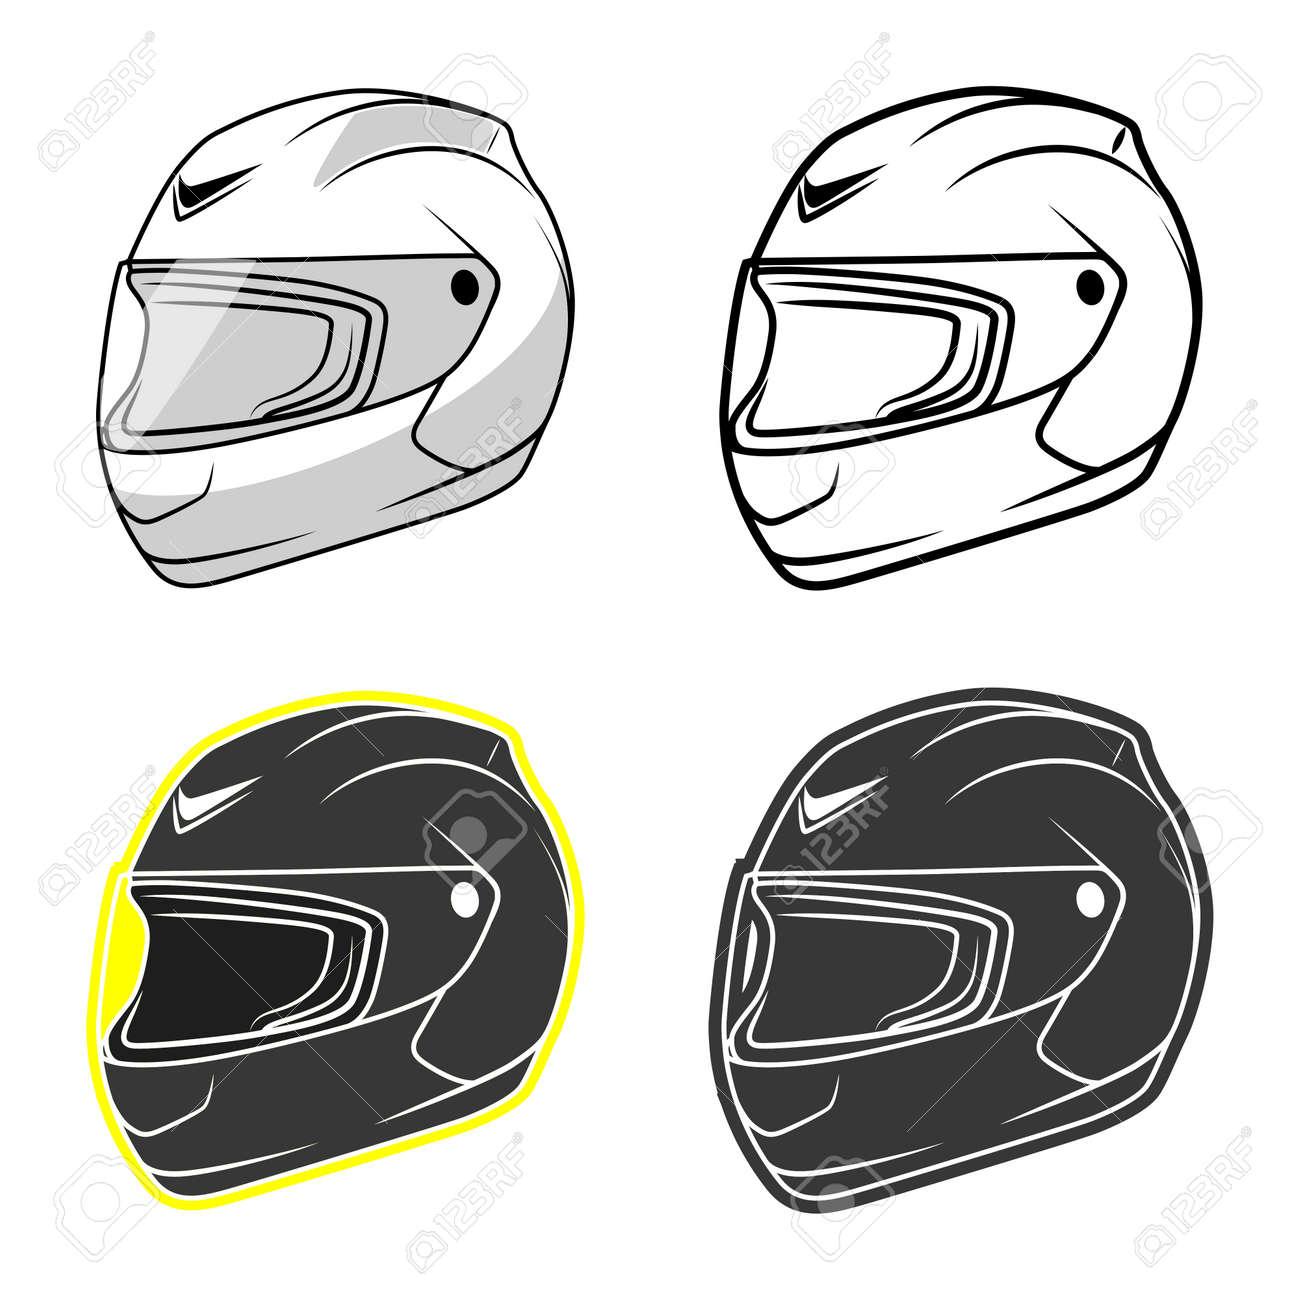 バイク ヘルメット グレーの黒と白の色ベクトル イラストのイラスト素材